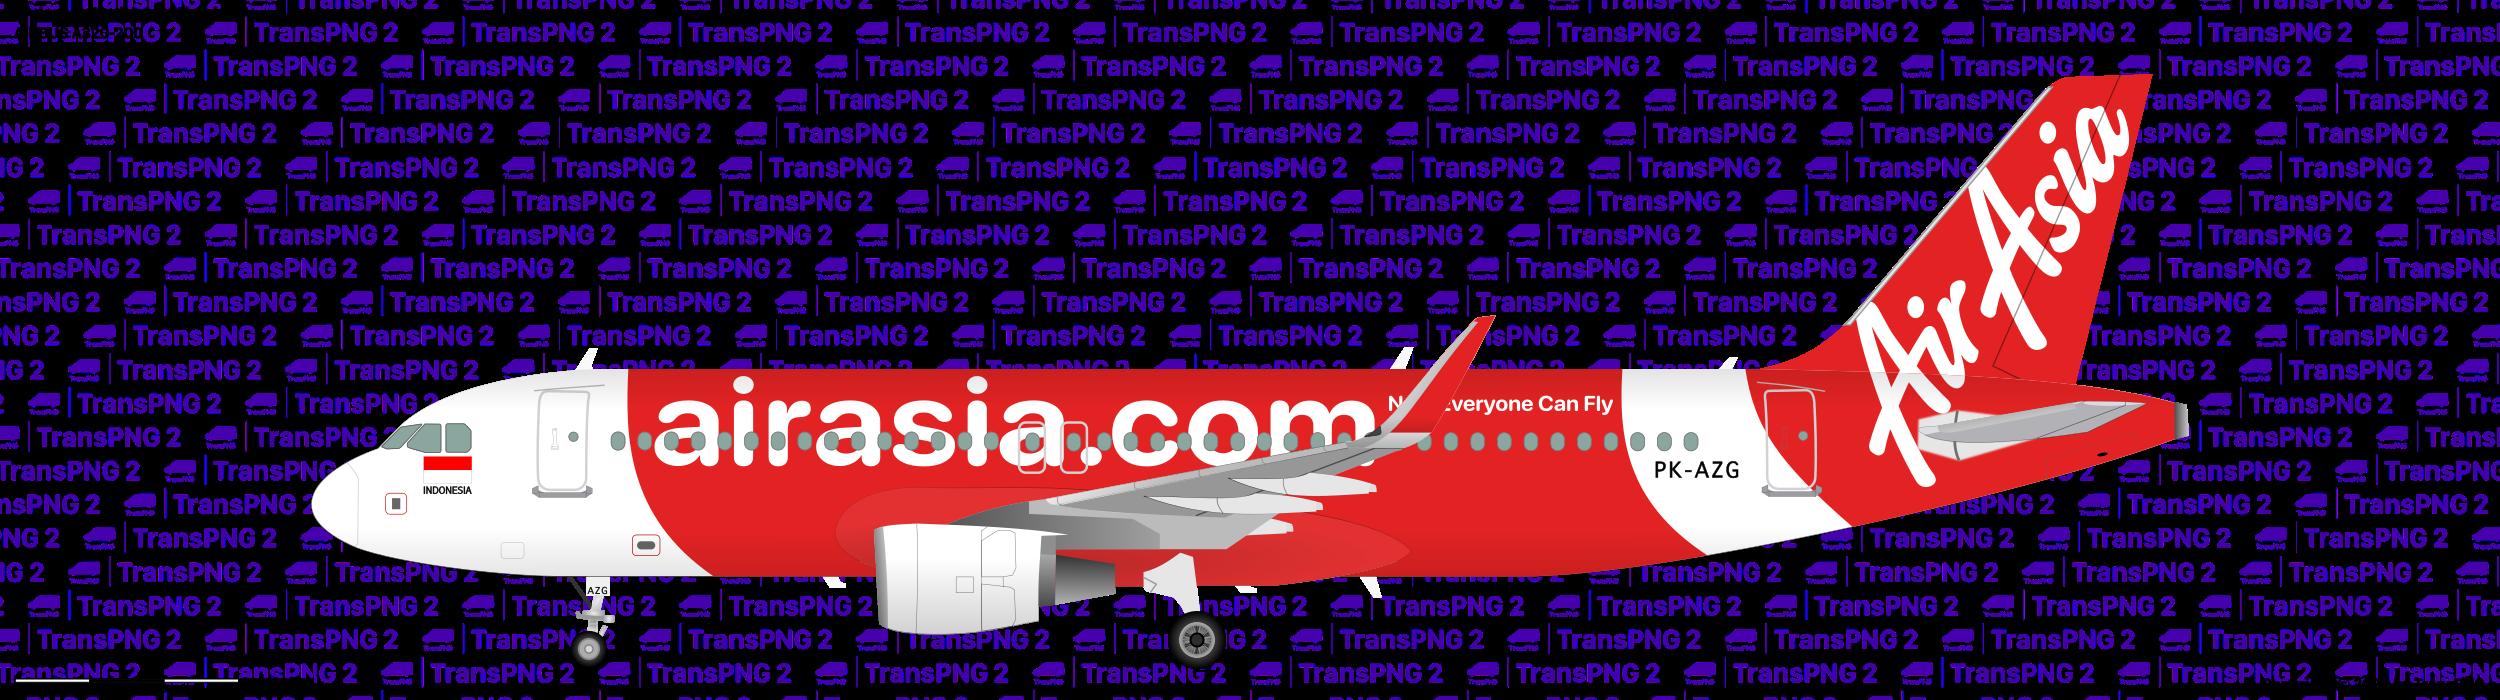 [24051] 印尼亞洲航空 25051